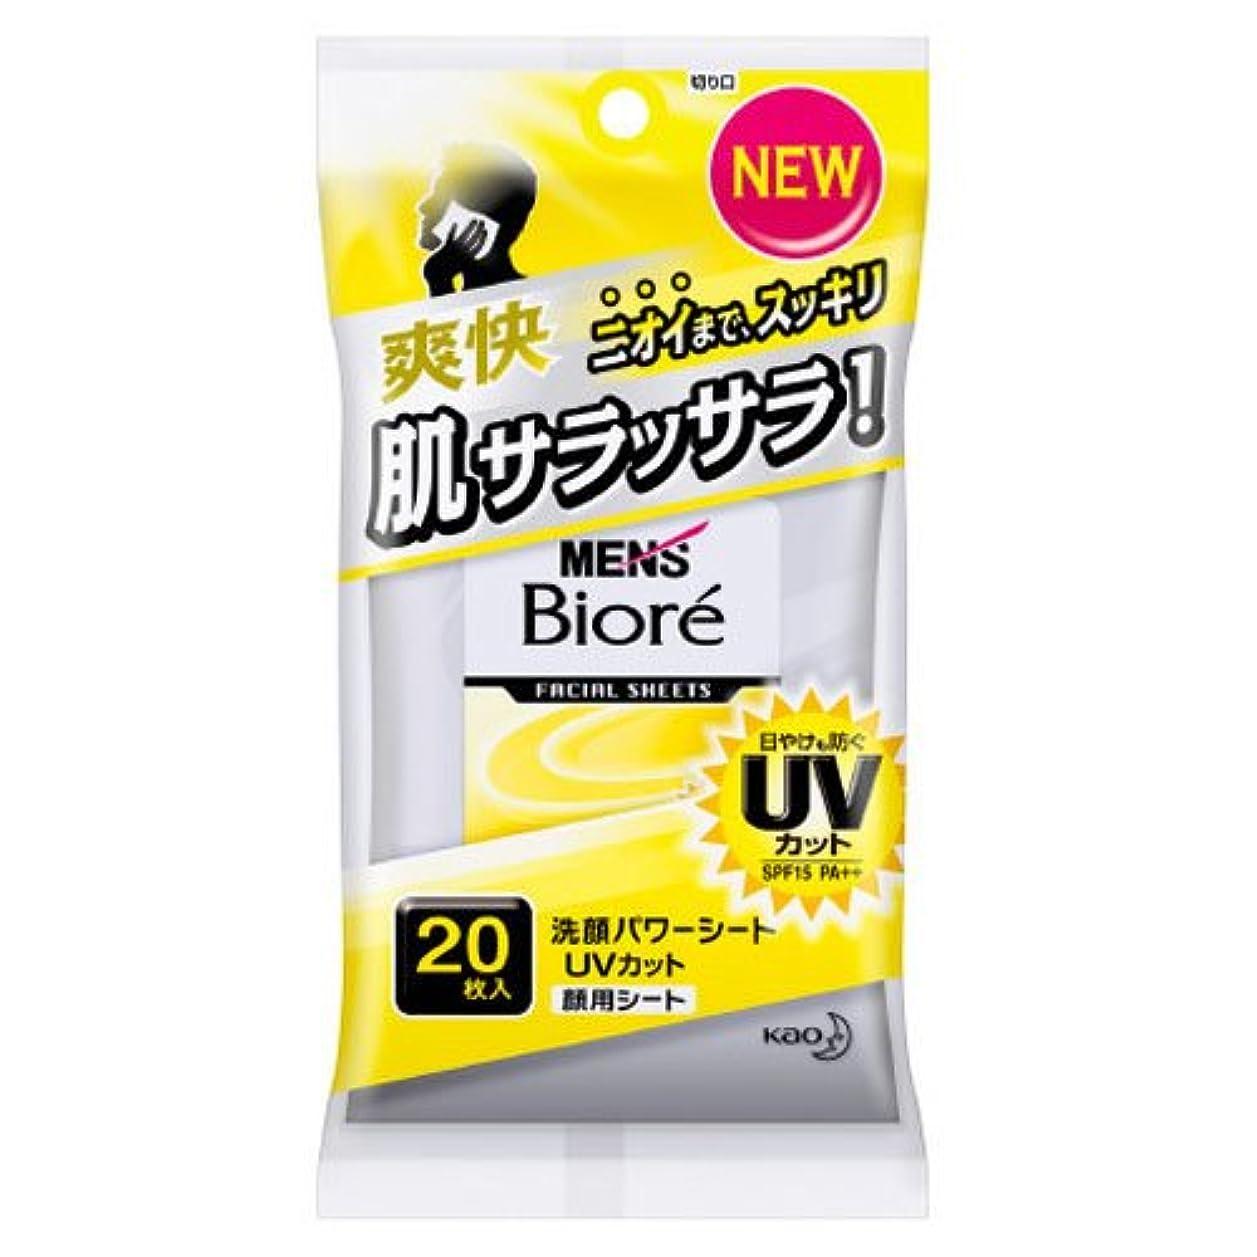 留め金前任者葉を集める花王 メンズビオレ 洗顔パワーシート UV 携帯タイプ 20枚入 1個